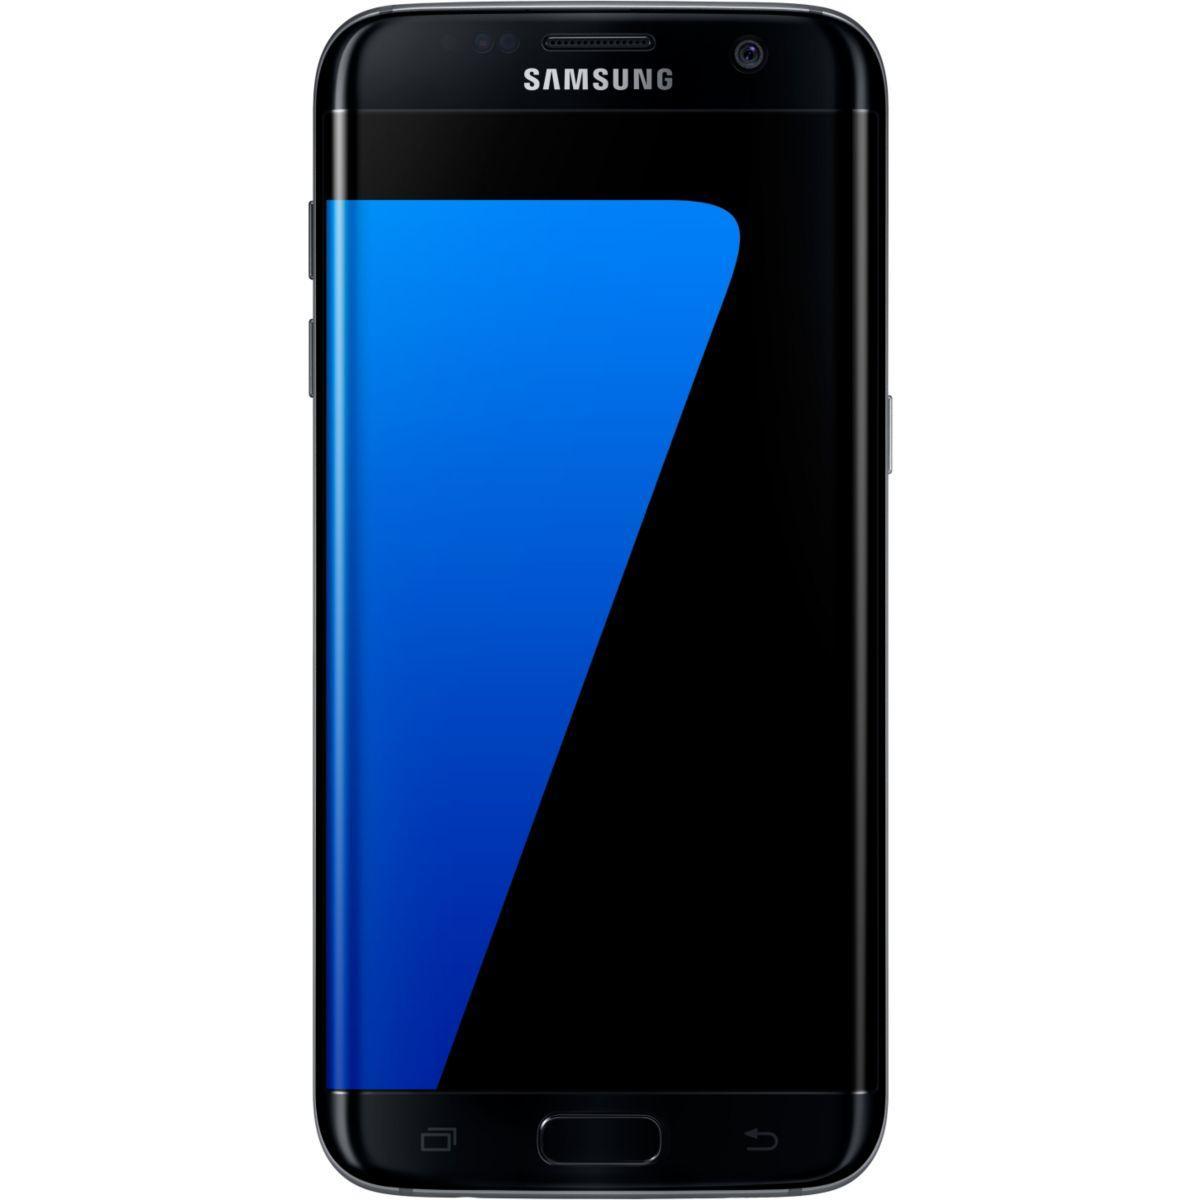 Pack promo smartphone samsung galaxy s7 edge noir 32 go + etui samsung view cover led galaxy s7 edge noir - soldes et bonnes affaires à prix imbattabl